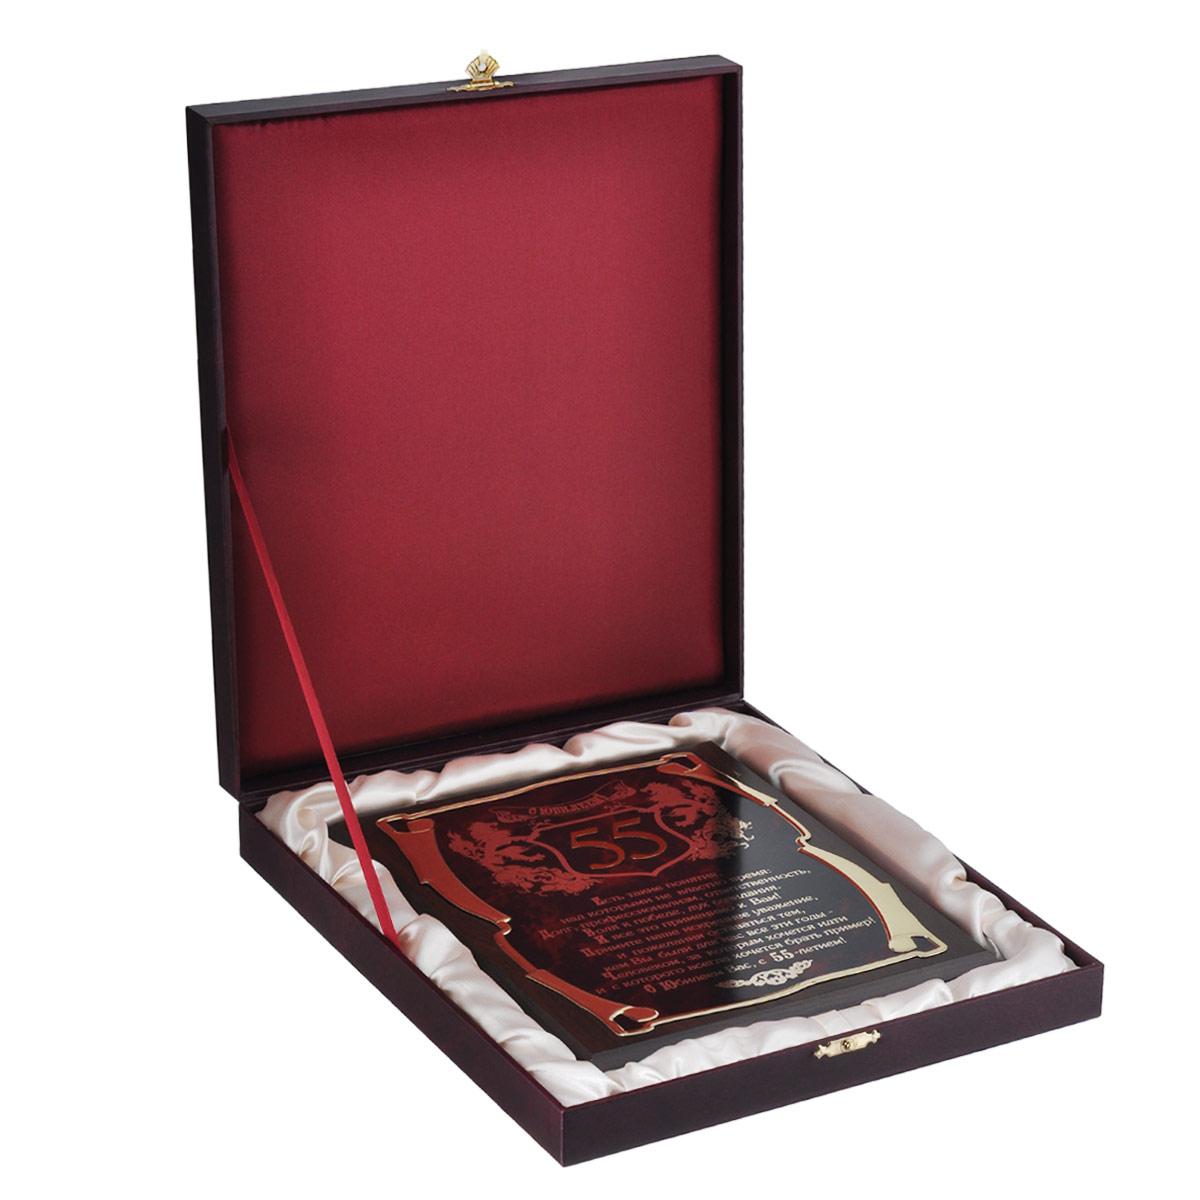 Панно С юбилеем 55 лет!, 20,5 х 25,5 см60619002Панно С юбилеем 55 лет! - замечательный сувенир и прекрасный элемент декора. Прямоугольное основание изделия выполнено из МДФ темно-коричневого цвета. По контуру изделие оформлено металлической пластиной из латунированной стали. На панно присутствует надпись С юбилеем! 55. Ниже расположено поздравление.С оборотной стороны имеются отверстия для размещения на стене.Панно упаковано в изысканную подарочную коробку, закрывающуюся на замочек. Внутренняя поверхность коробки задрапирована атласной тканью.